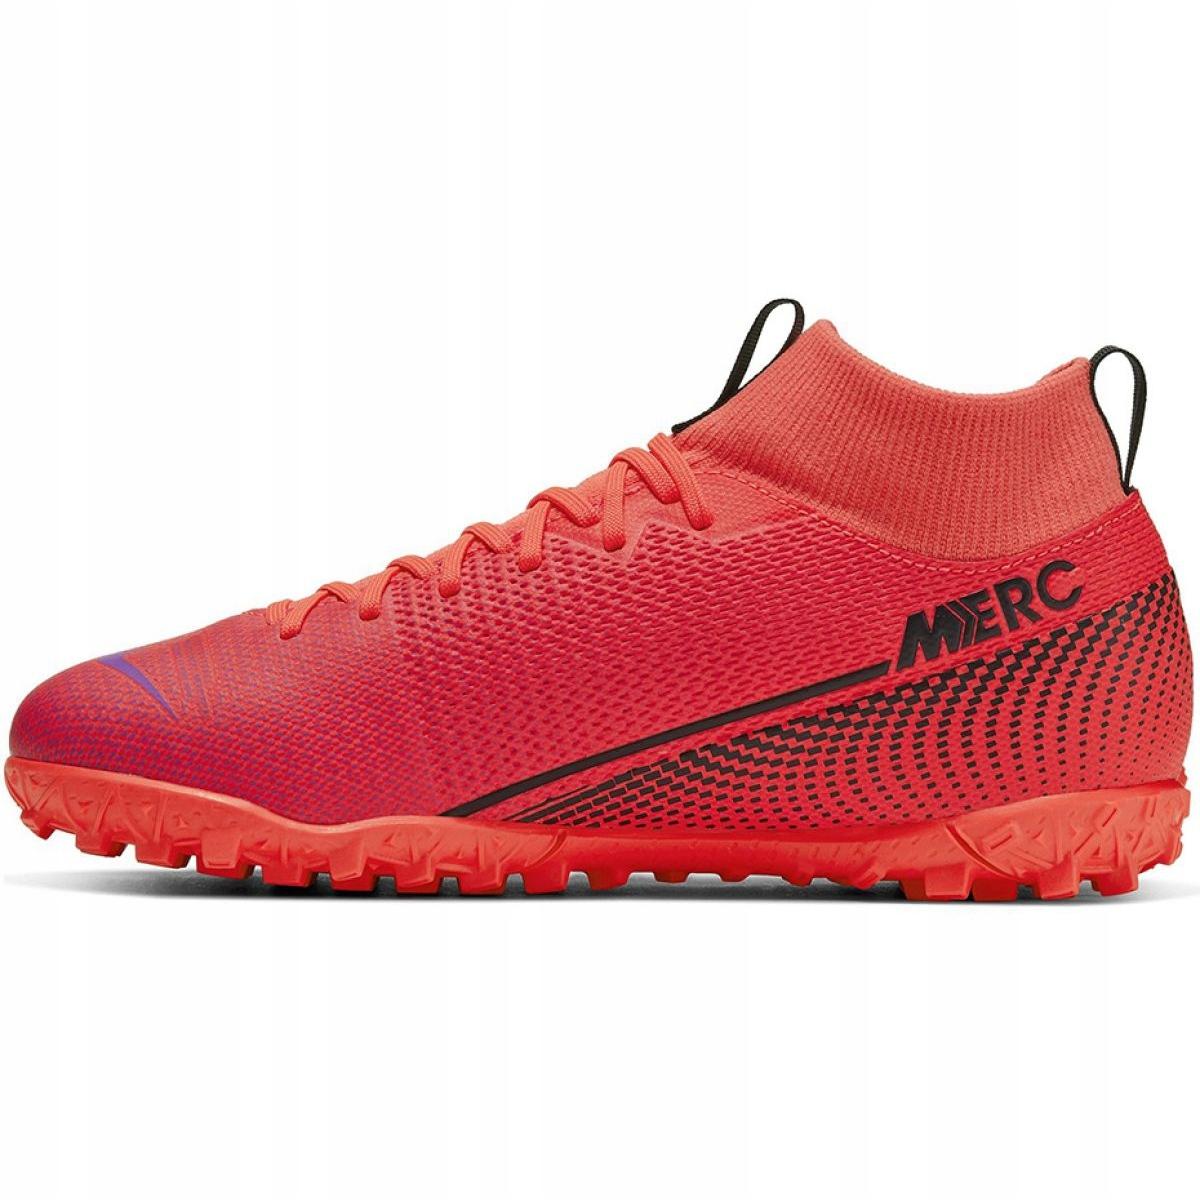 Scarpe-da-calcio-Nike-Mercurial-Superfly-7-Academy-Tf-M-AT7978-606-rosso-rosso miniatura 3